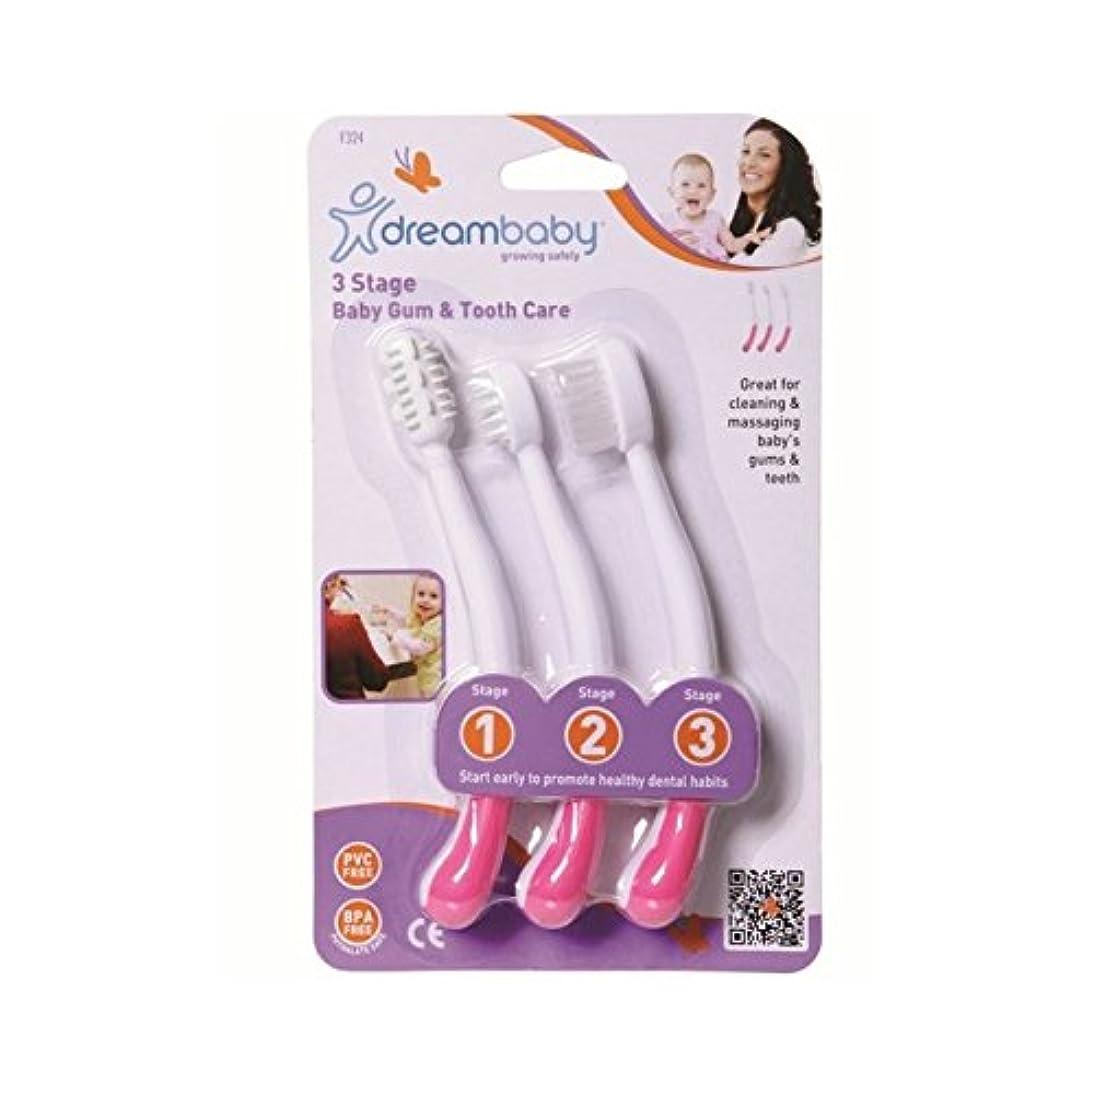 原始的なマントル革新歯ブラシは、3段階のピンクを設定しました (Dreambaby) (x 4) - Dreambaby Toothbrush Set 3 Stage Pink (Pack of 4) [並行輸入品]